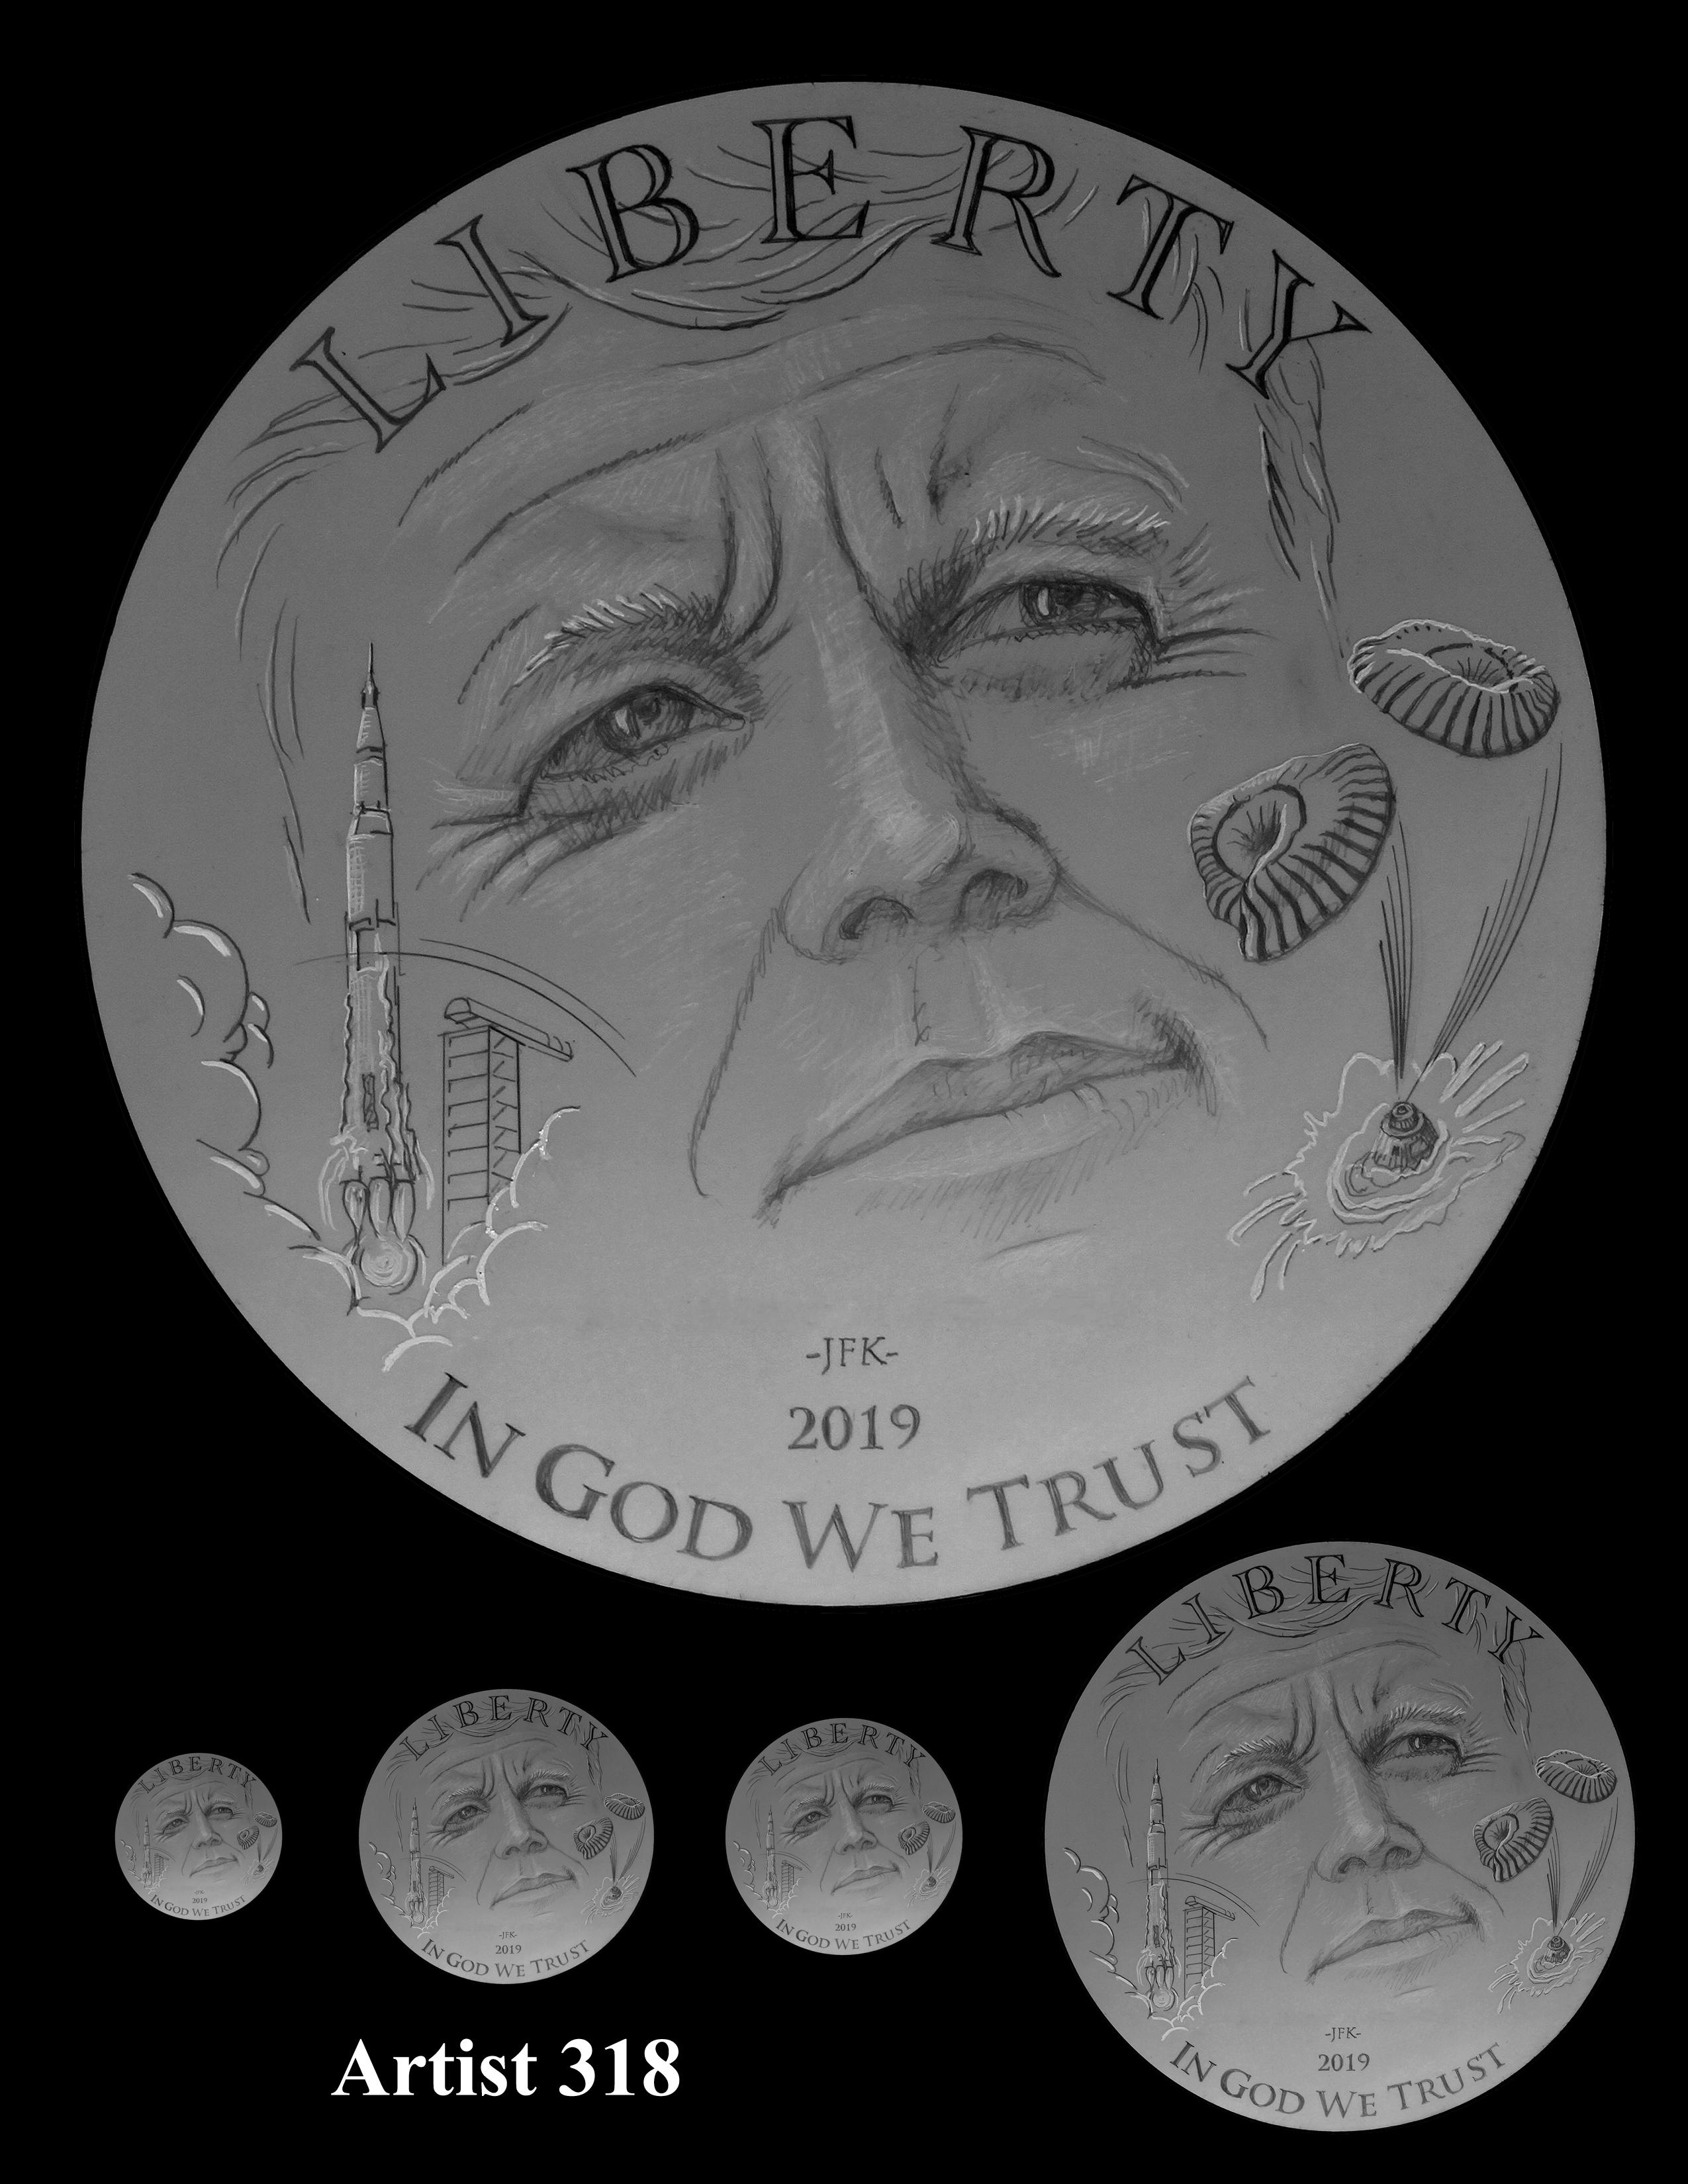 Artist 318 -- Apollo 11 50th Anniversary Commemorative Coin Obverse Design Competition